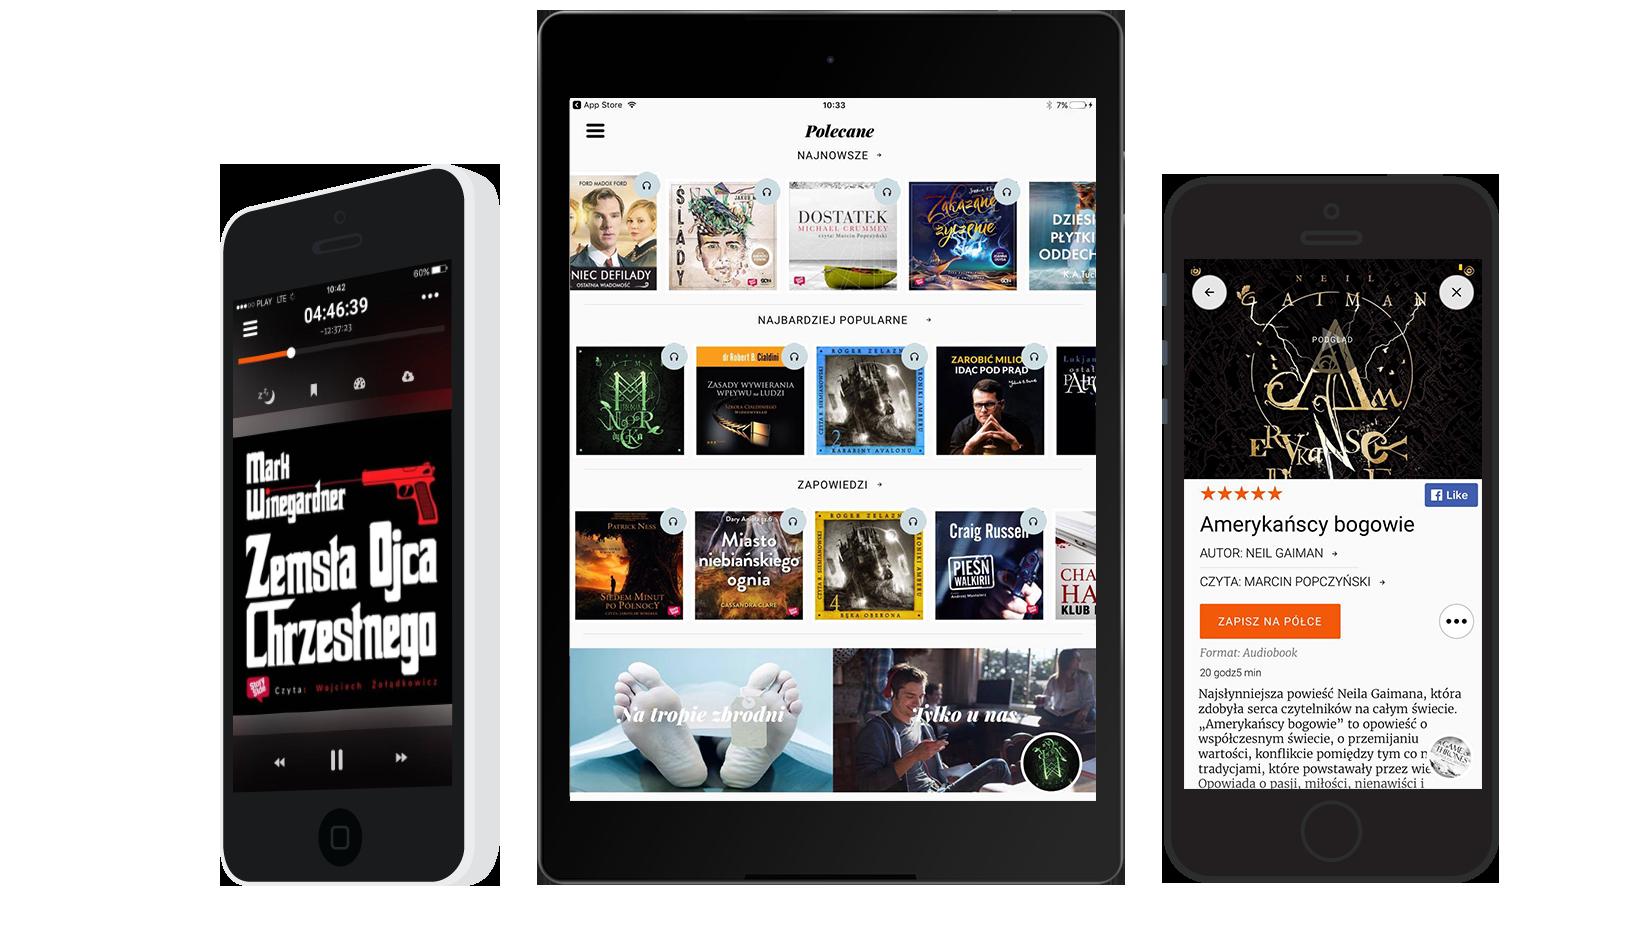 Storytel - słuchanie audiobooków na iPadzie i iPhonie